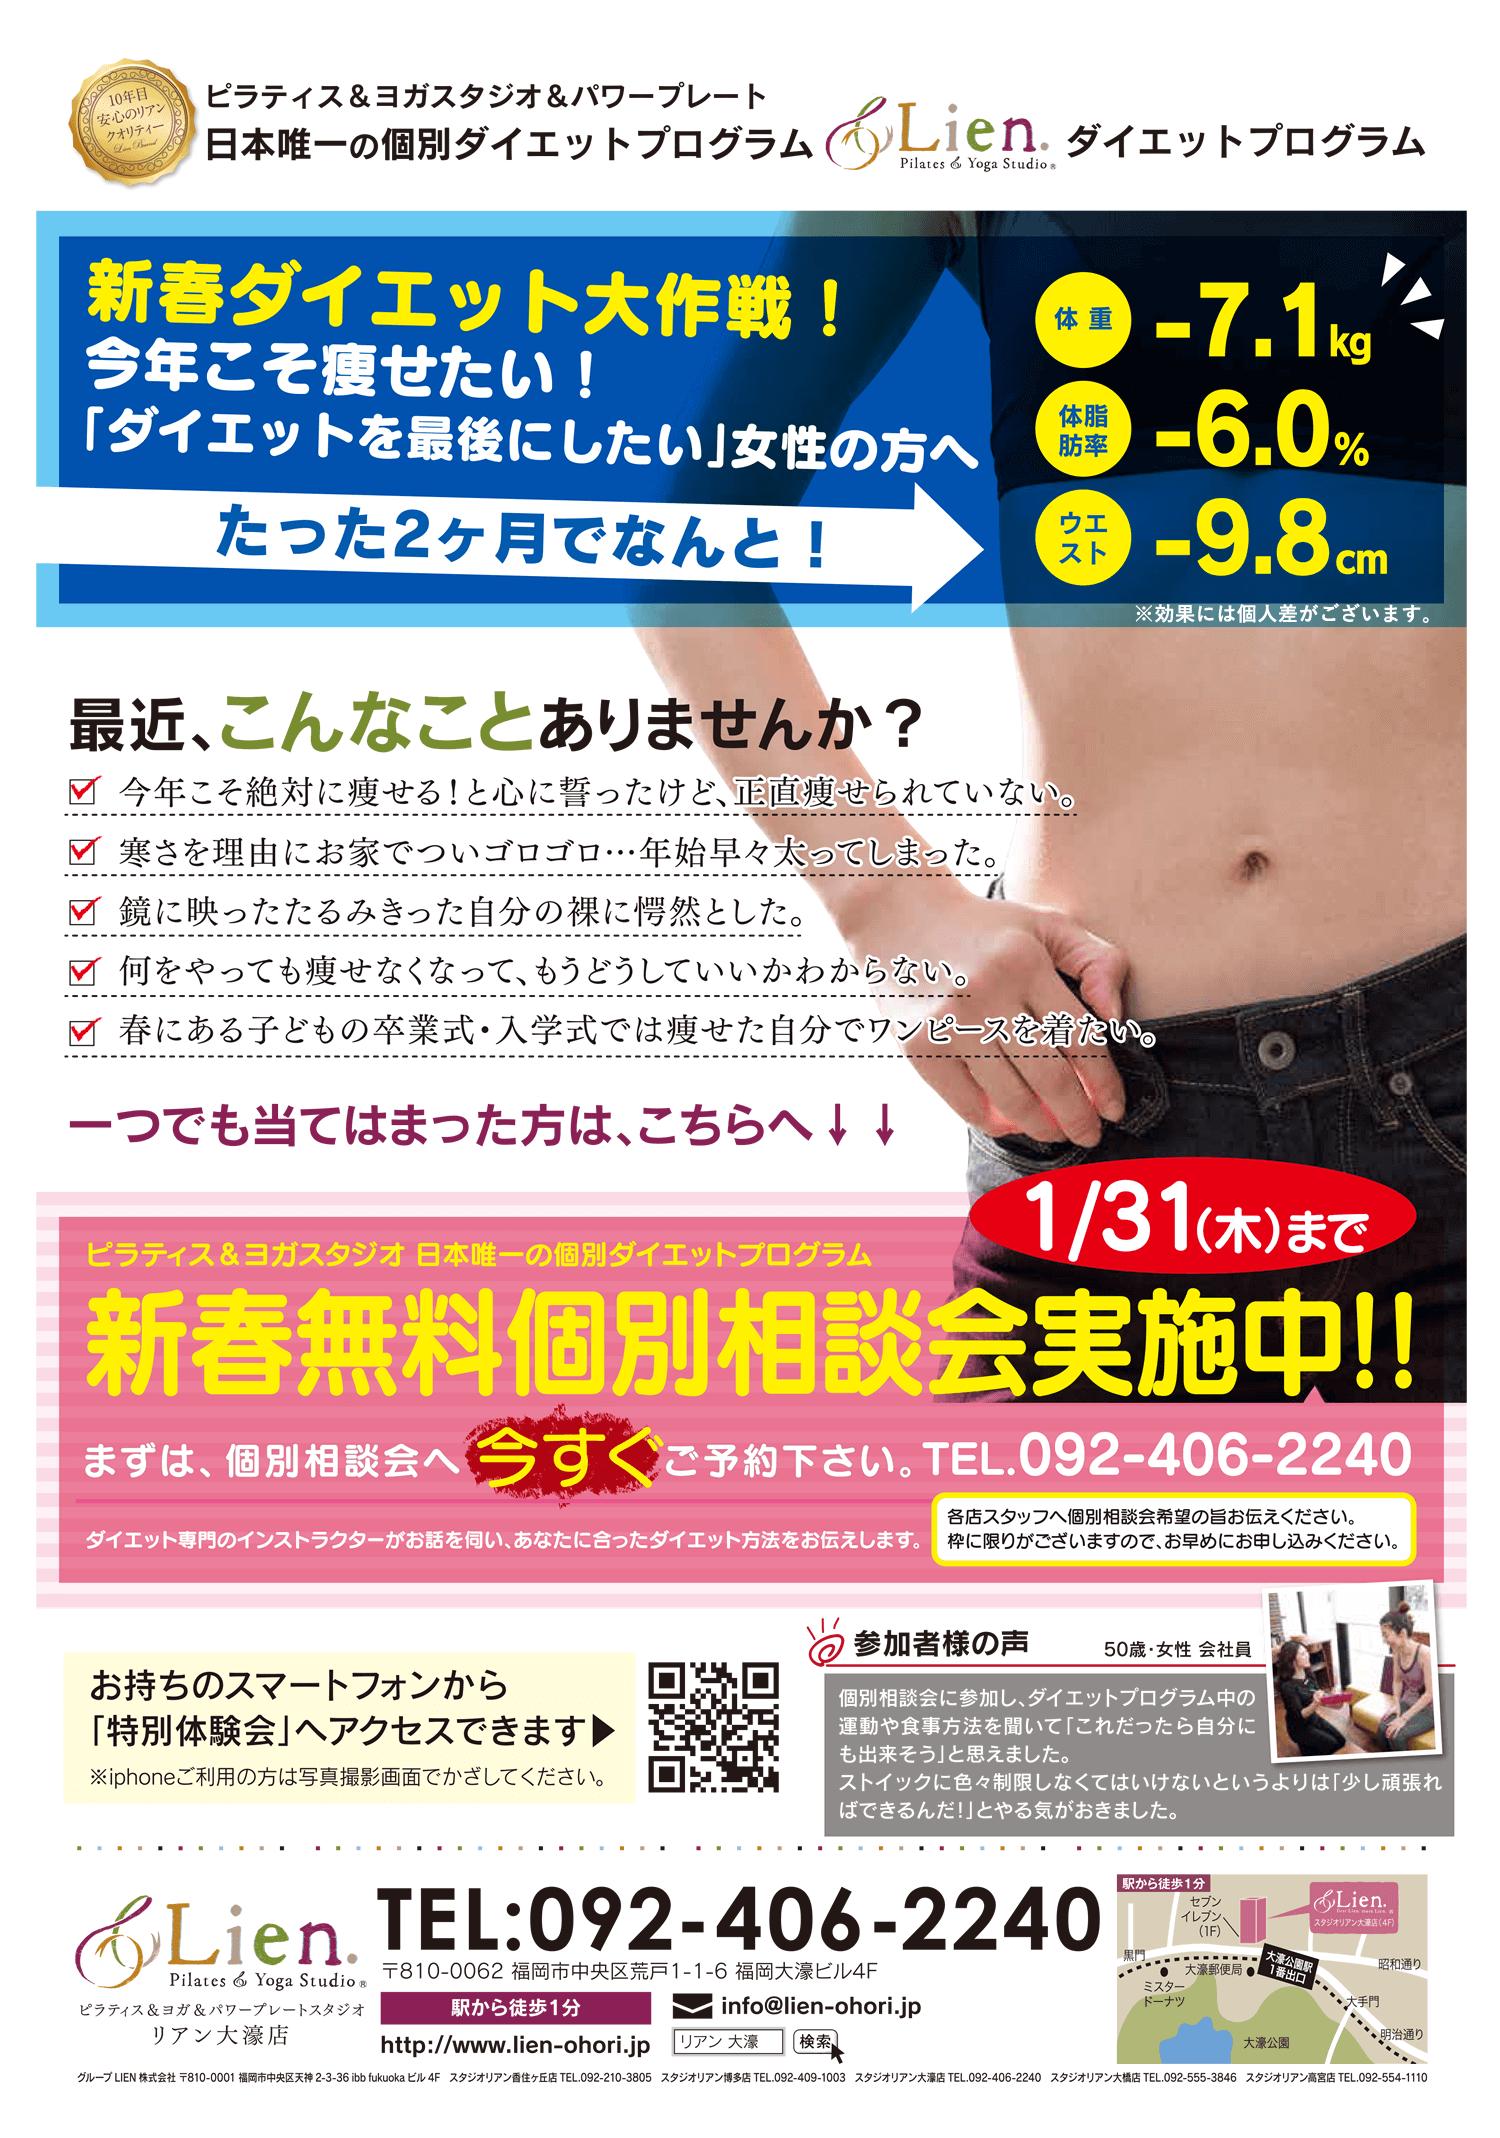 リアンダイエットプログラム 新春無料個別相談会01